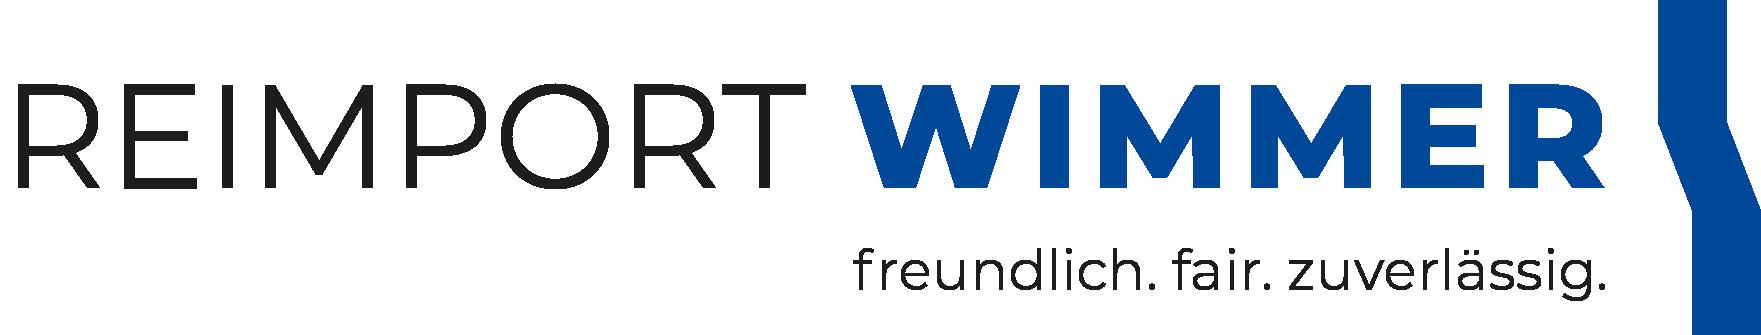 reimport wimmer